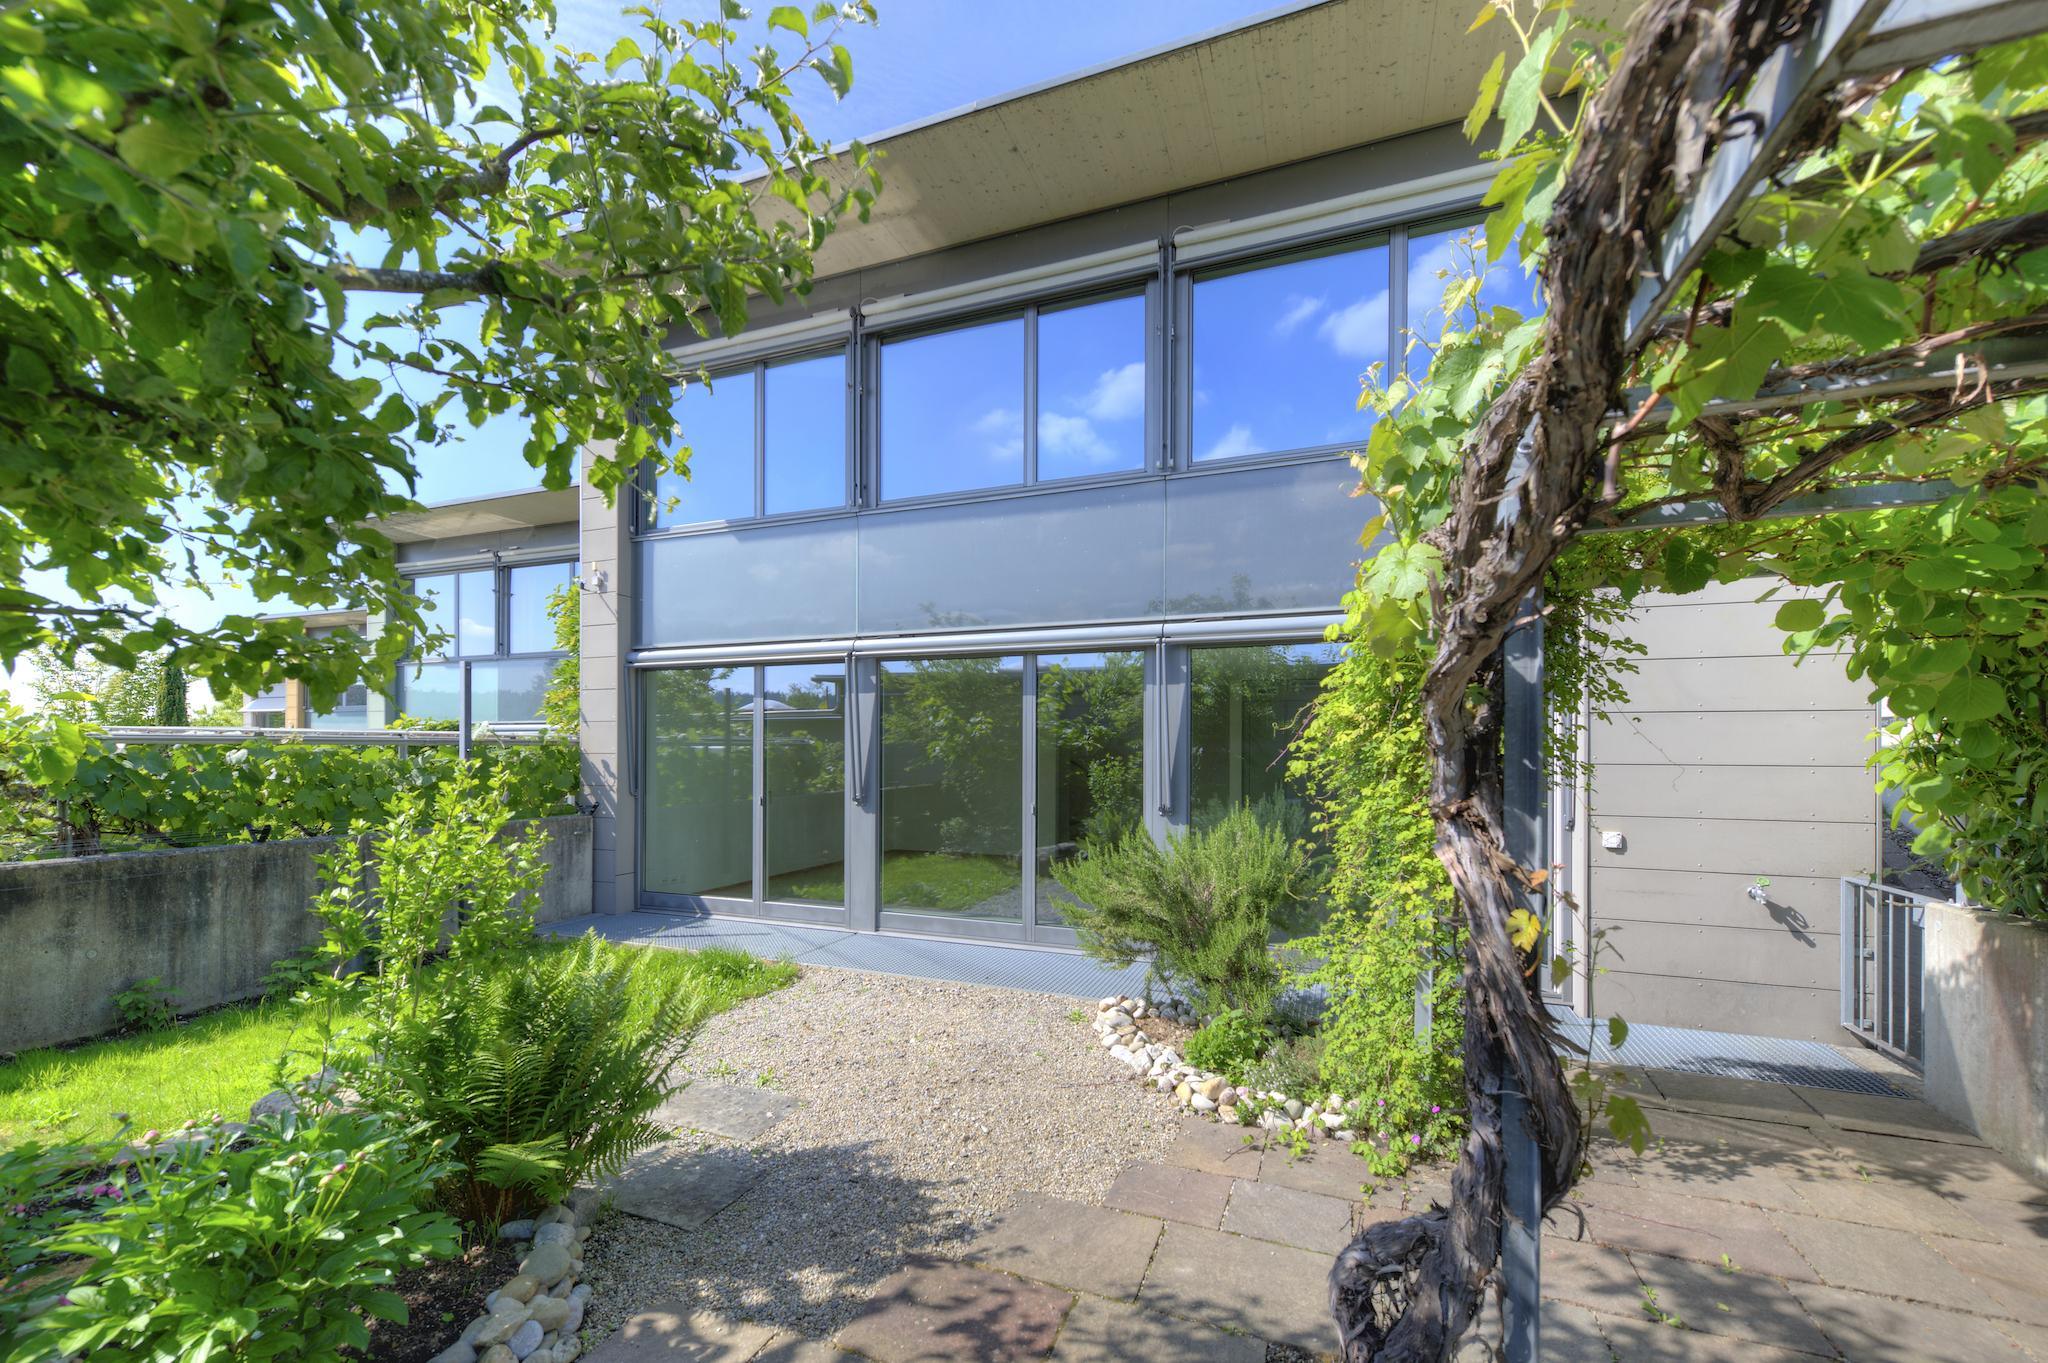 Haus mit dem gepflegten Garten